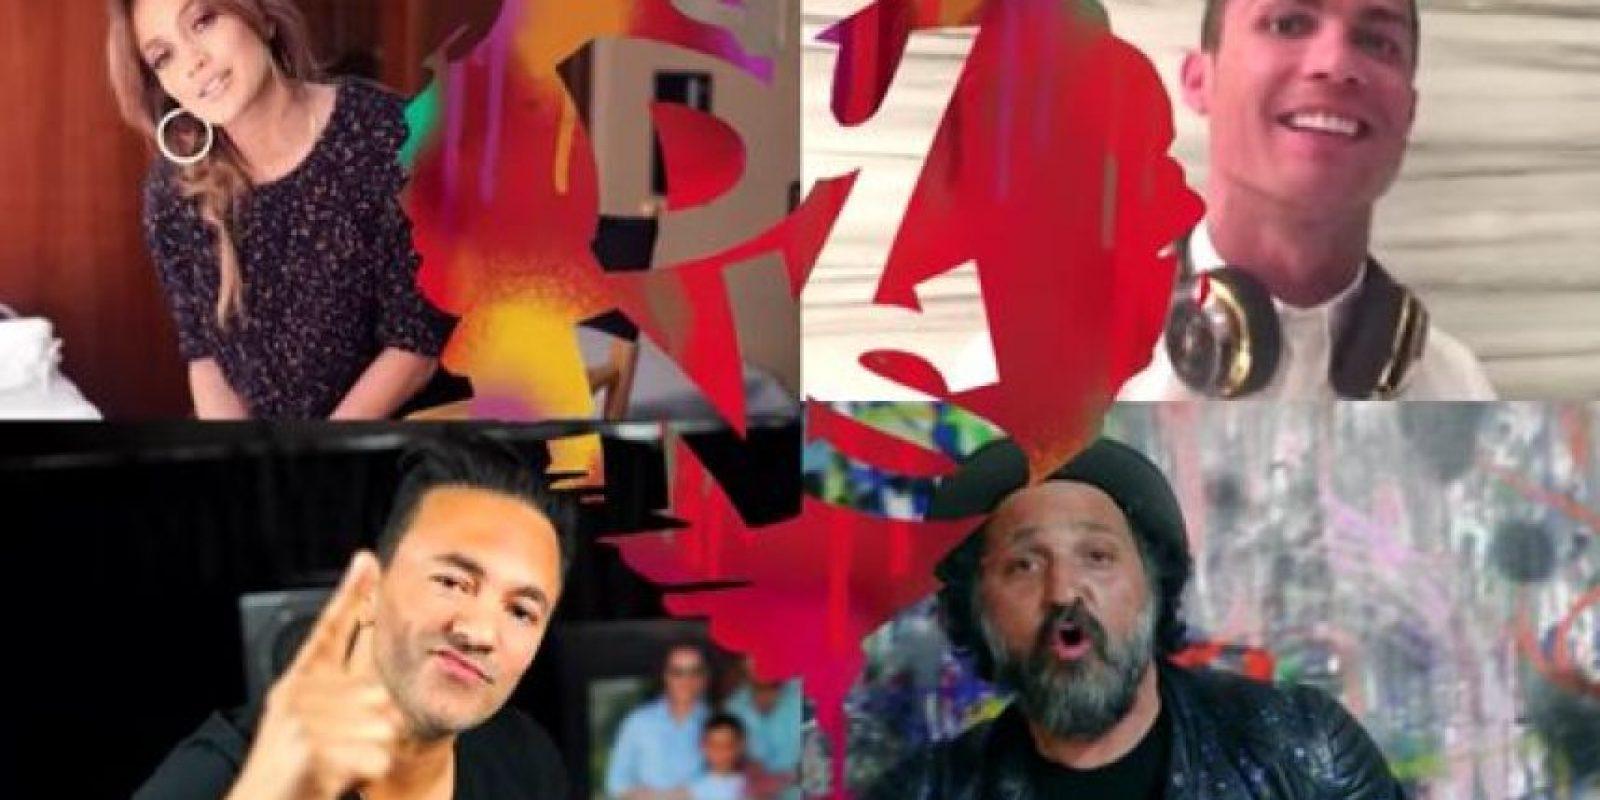 El nuevo video de RedOne Foto:RedOne Official